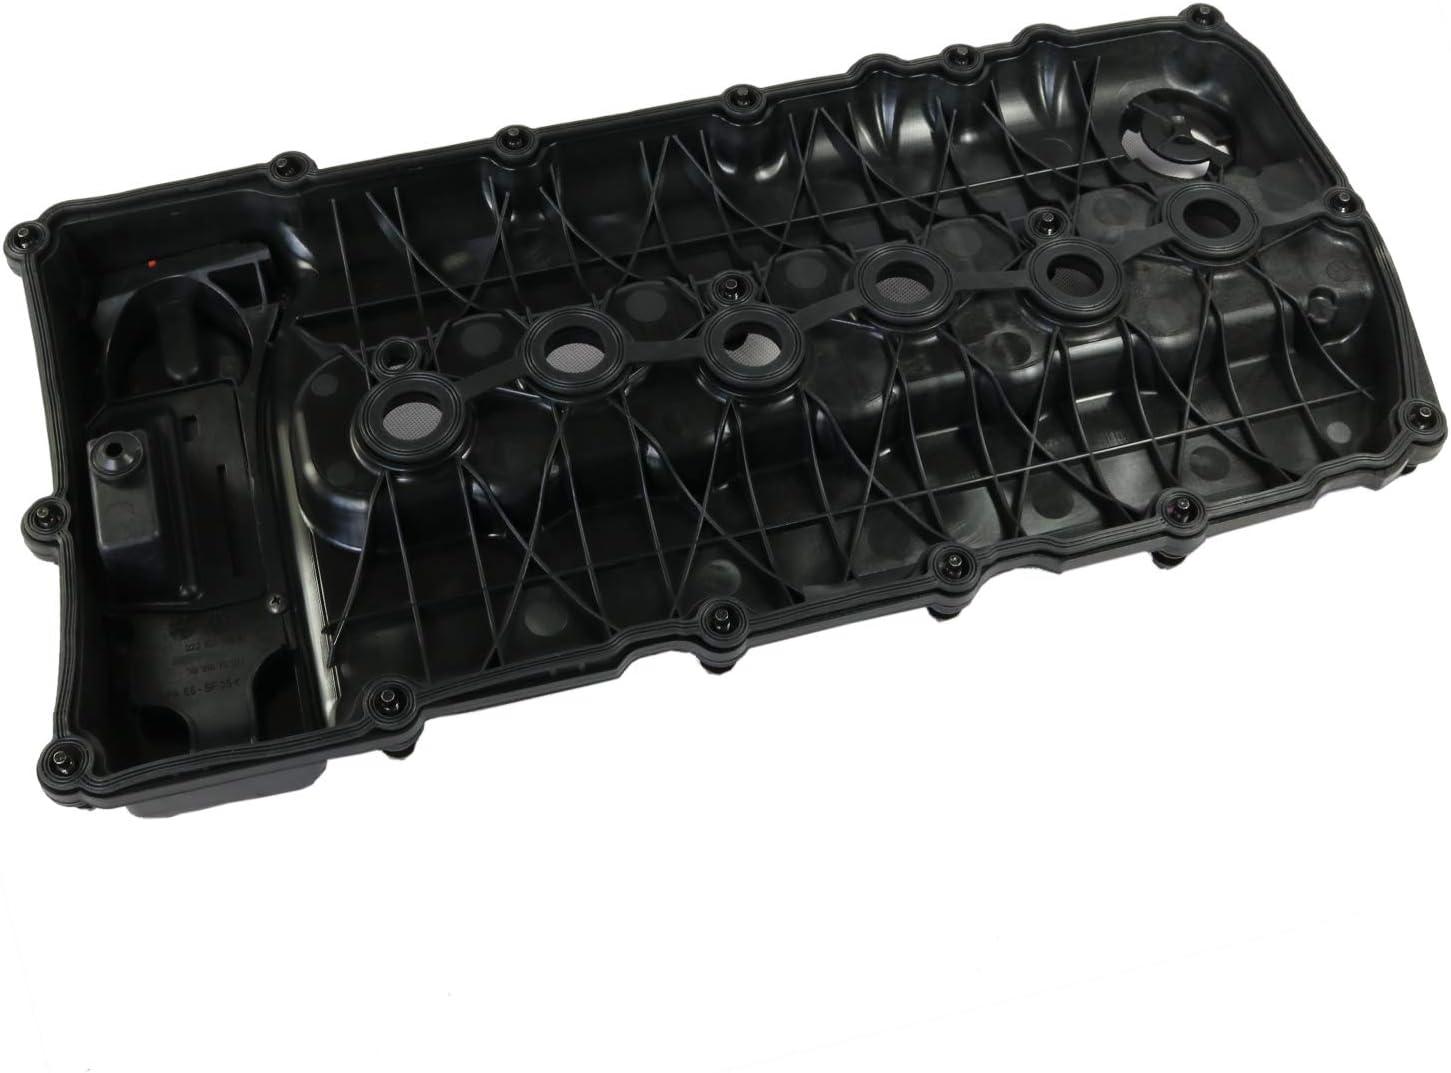 HLY/_Autoparts Kit L/ève-Vitre Avant Gauche pour VW Touareg 2003-2010